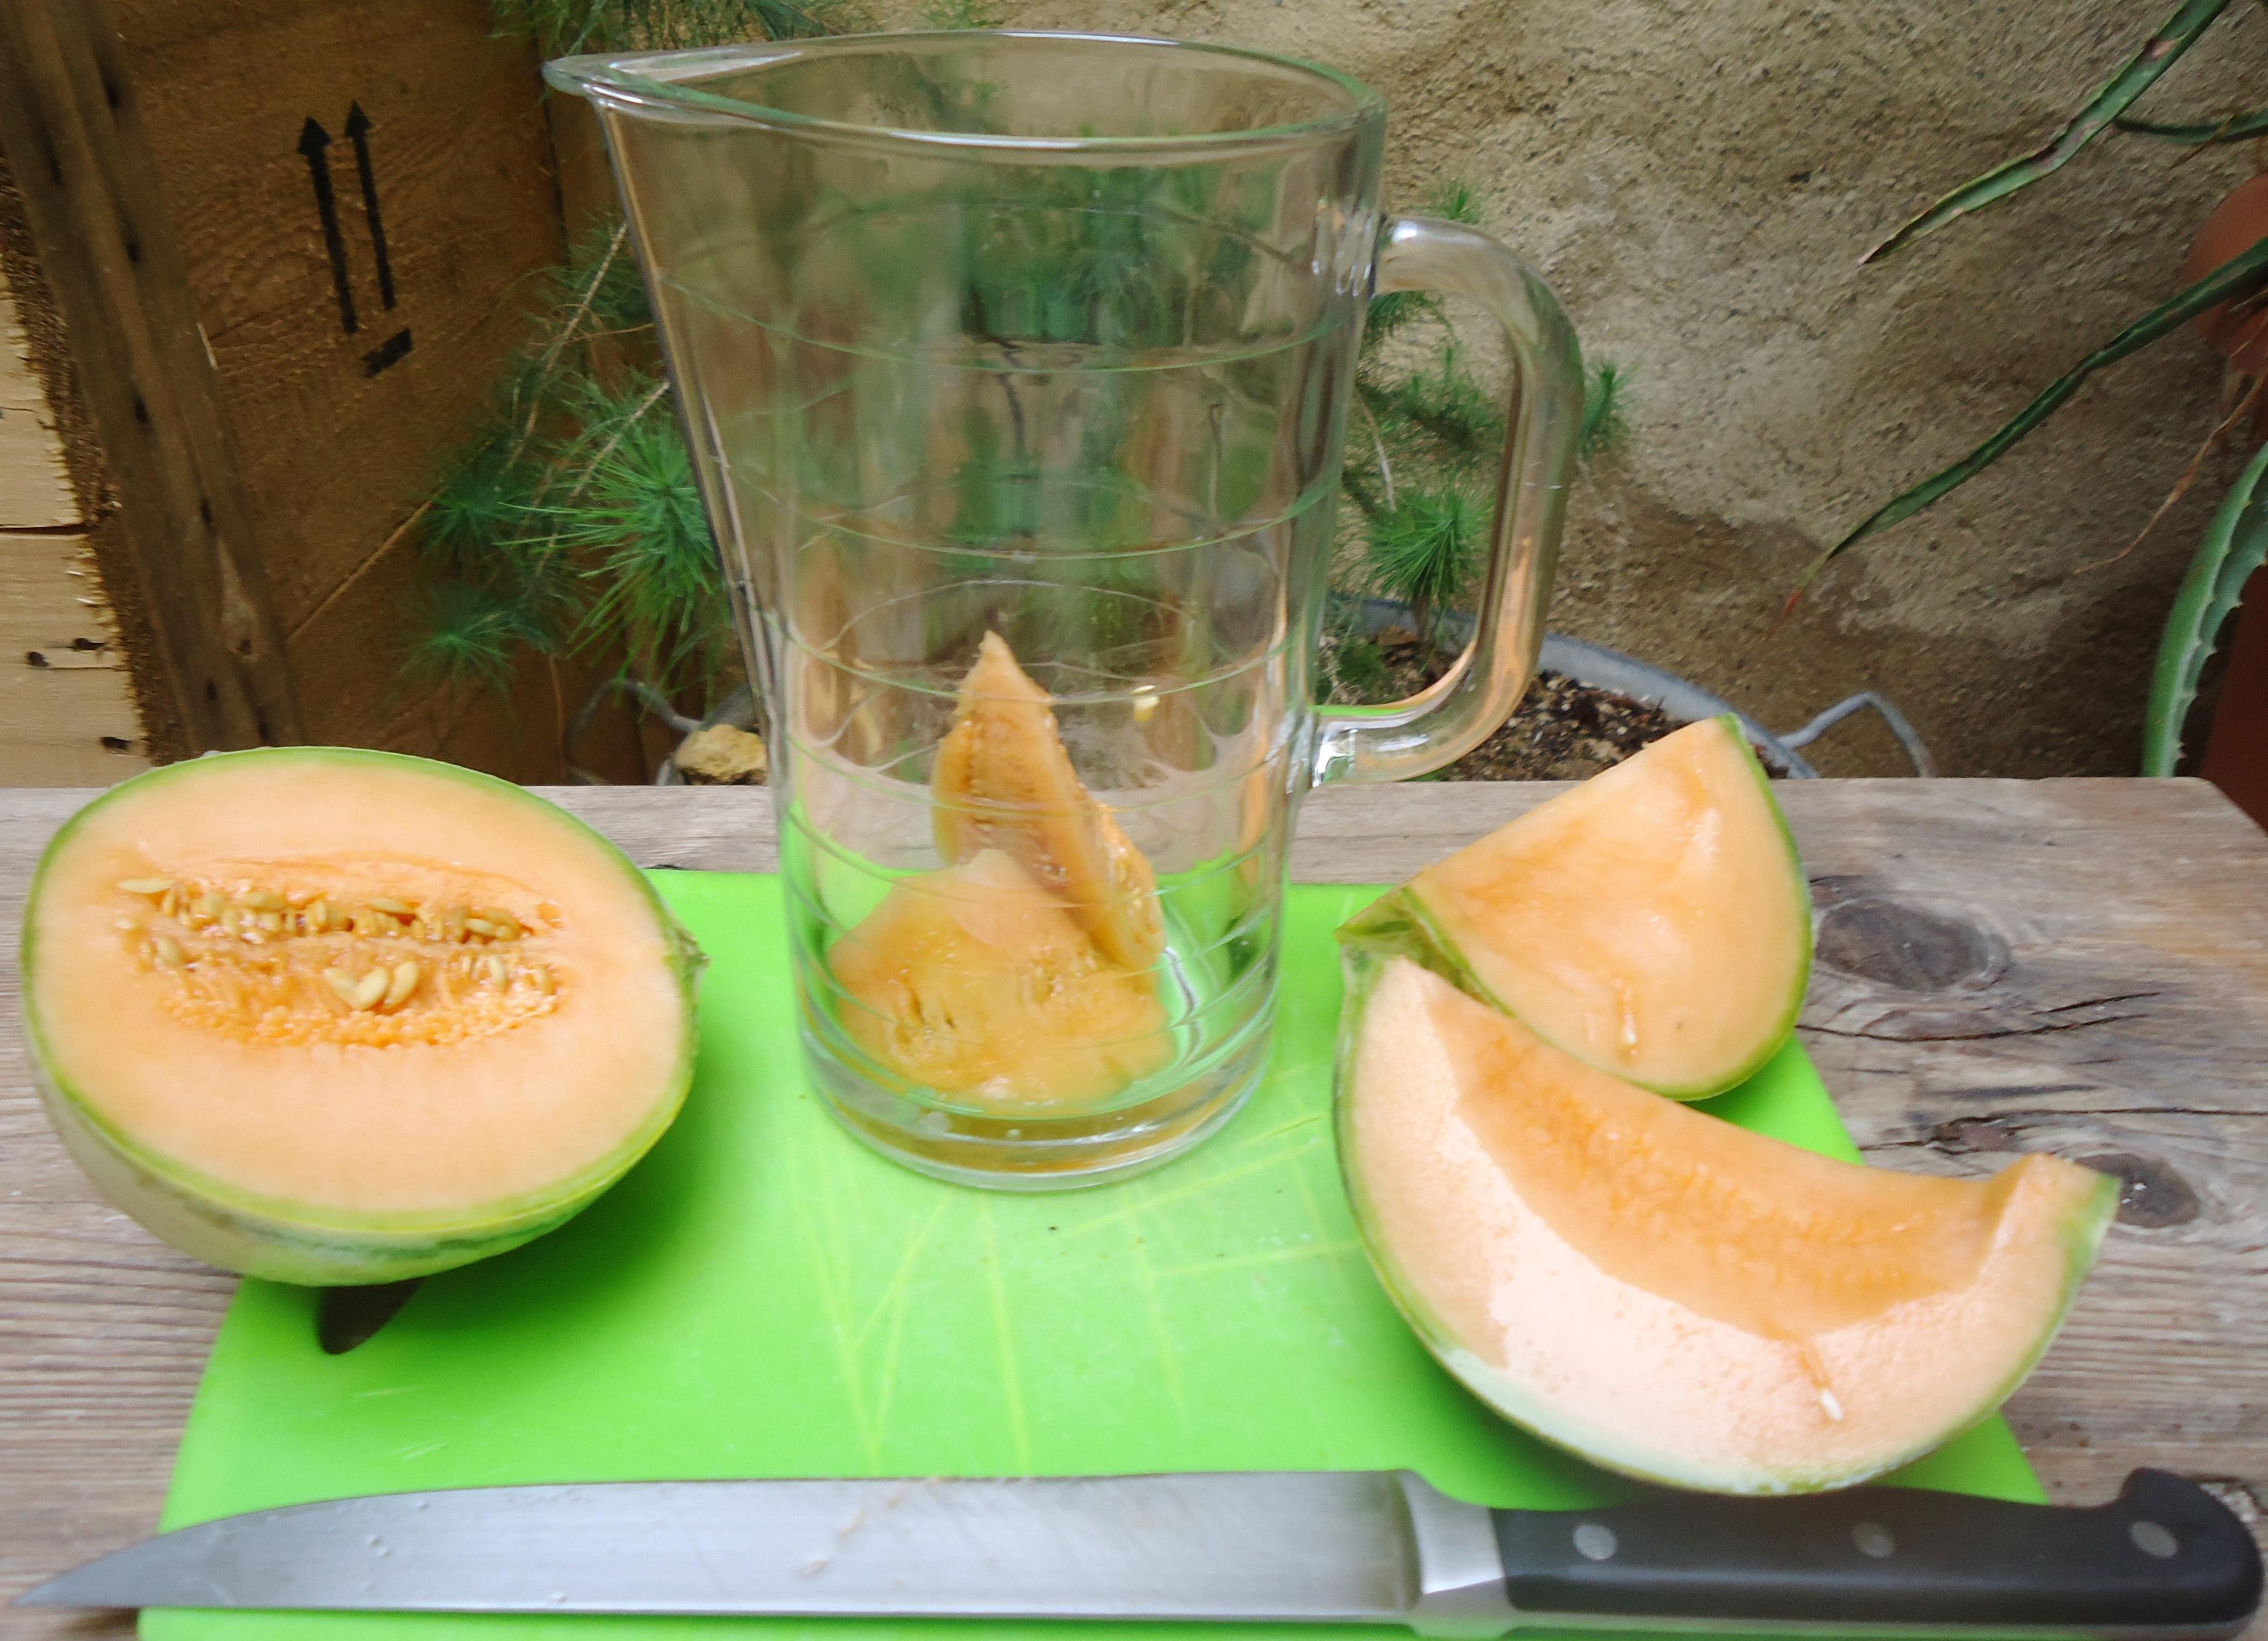 Recette b te comme chou enfin plut t comme melon cuisiner en paix - Cuisiner la veille pour le lendemain ...